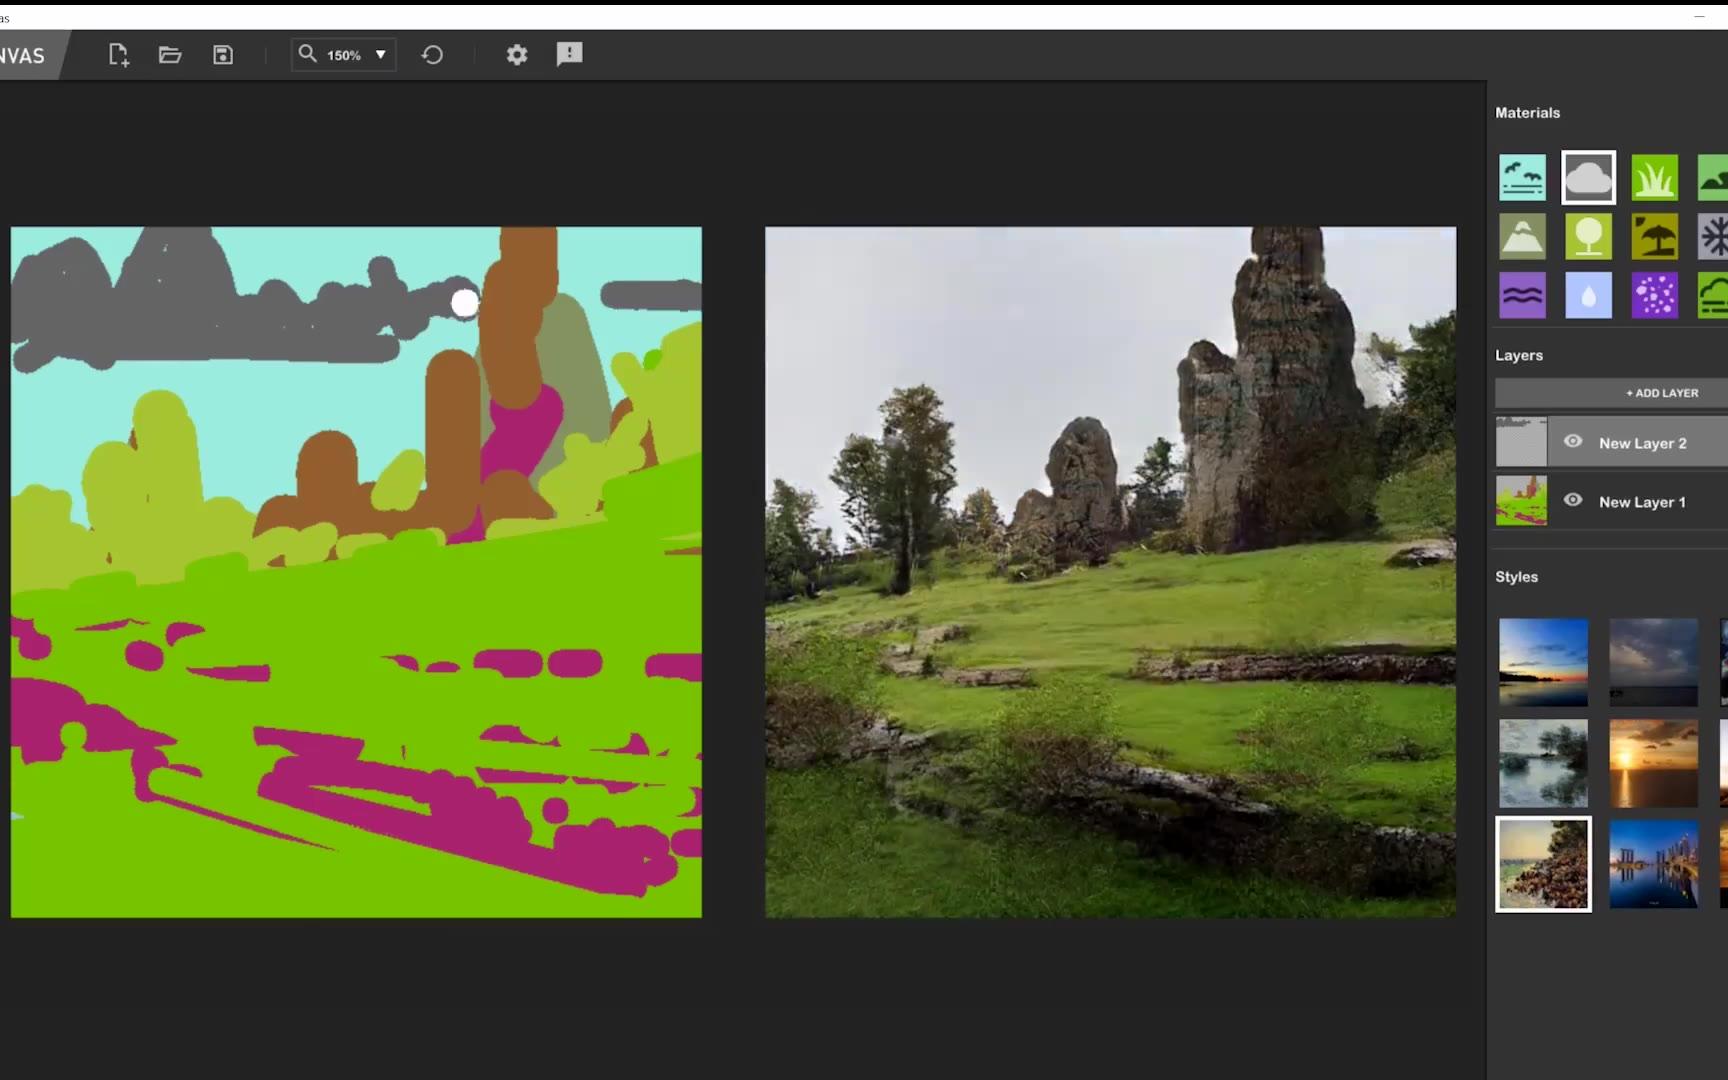 【加亿点细节】NVIDIA最近推出了绘画应用 NVIDIA Canvas 的免费测试版